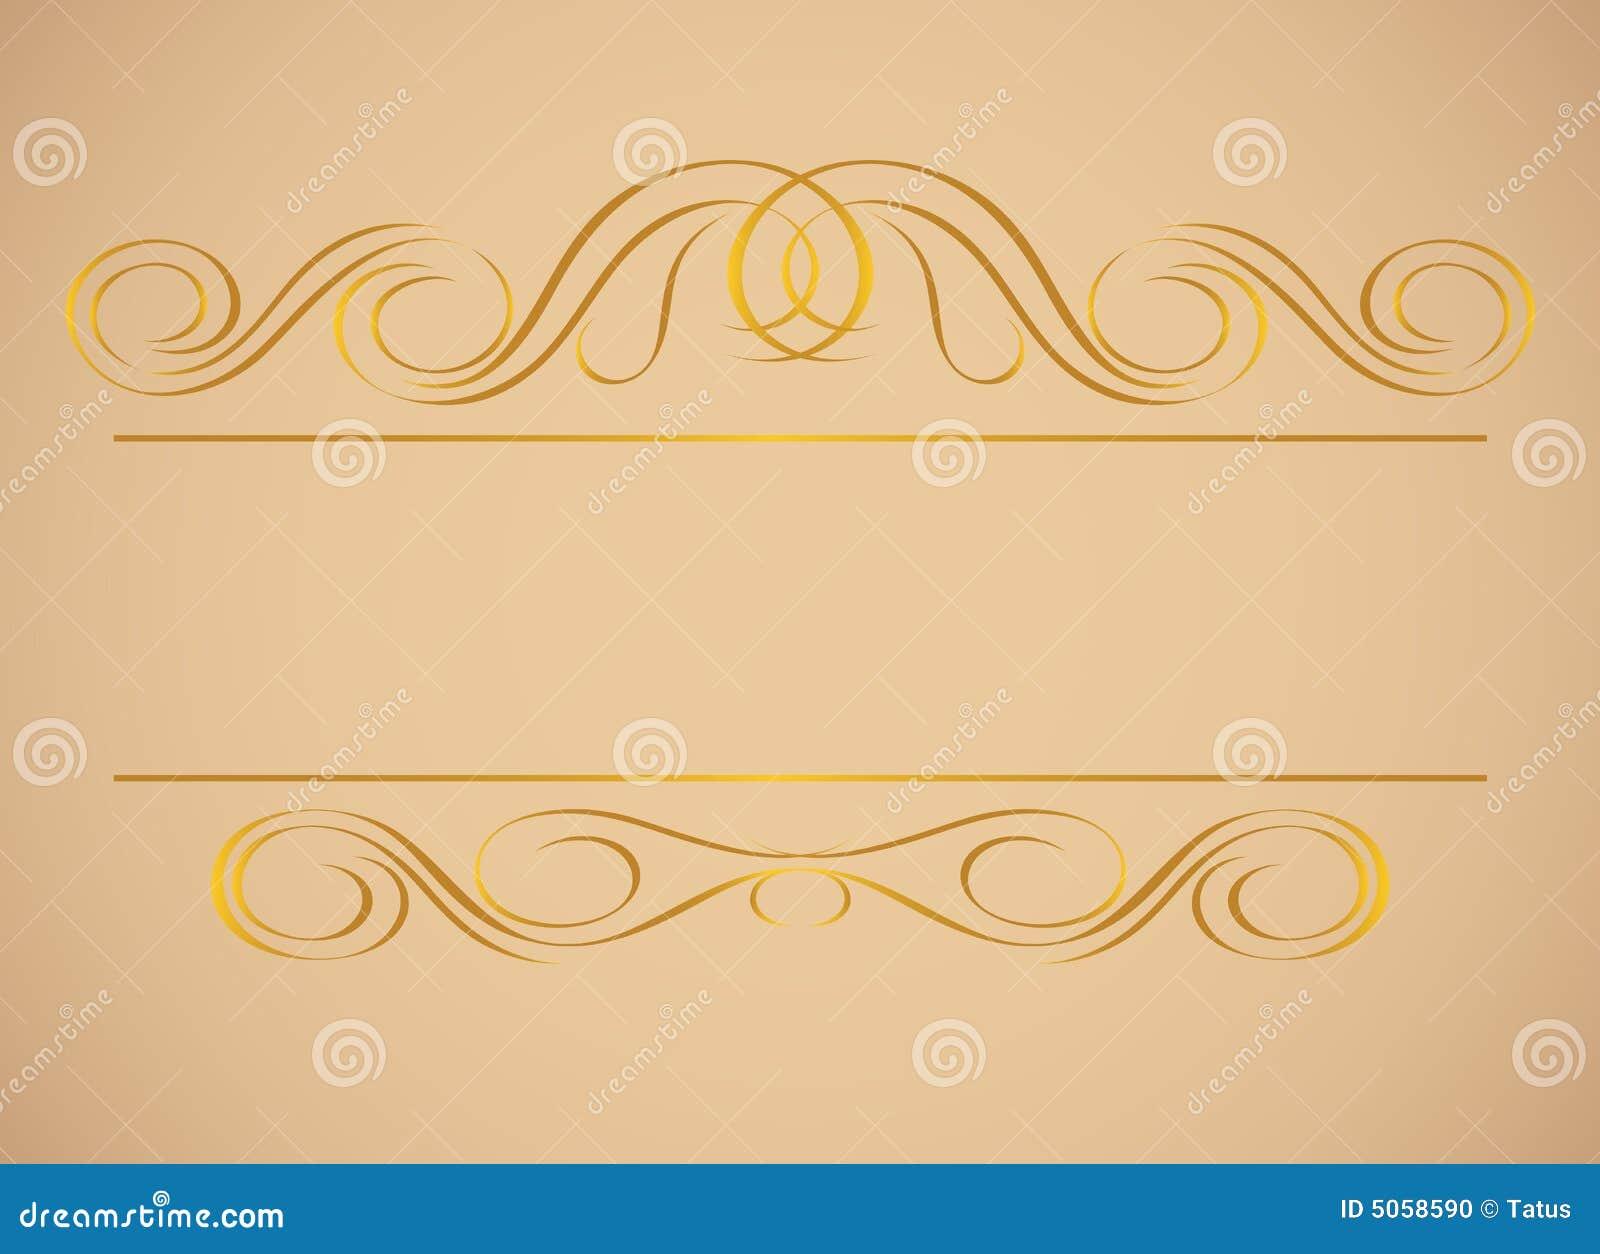 Złoty ramowy rocznik